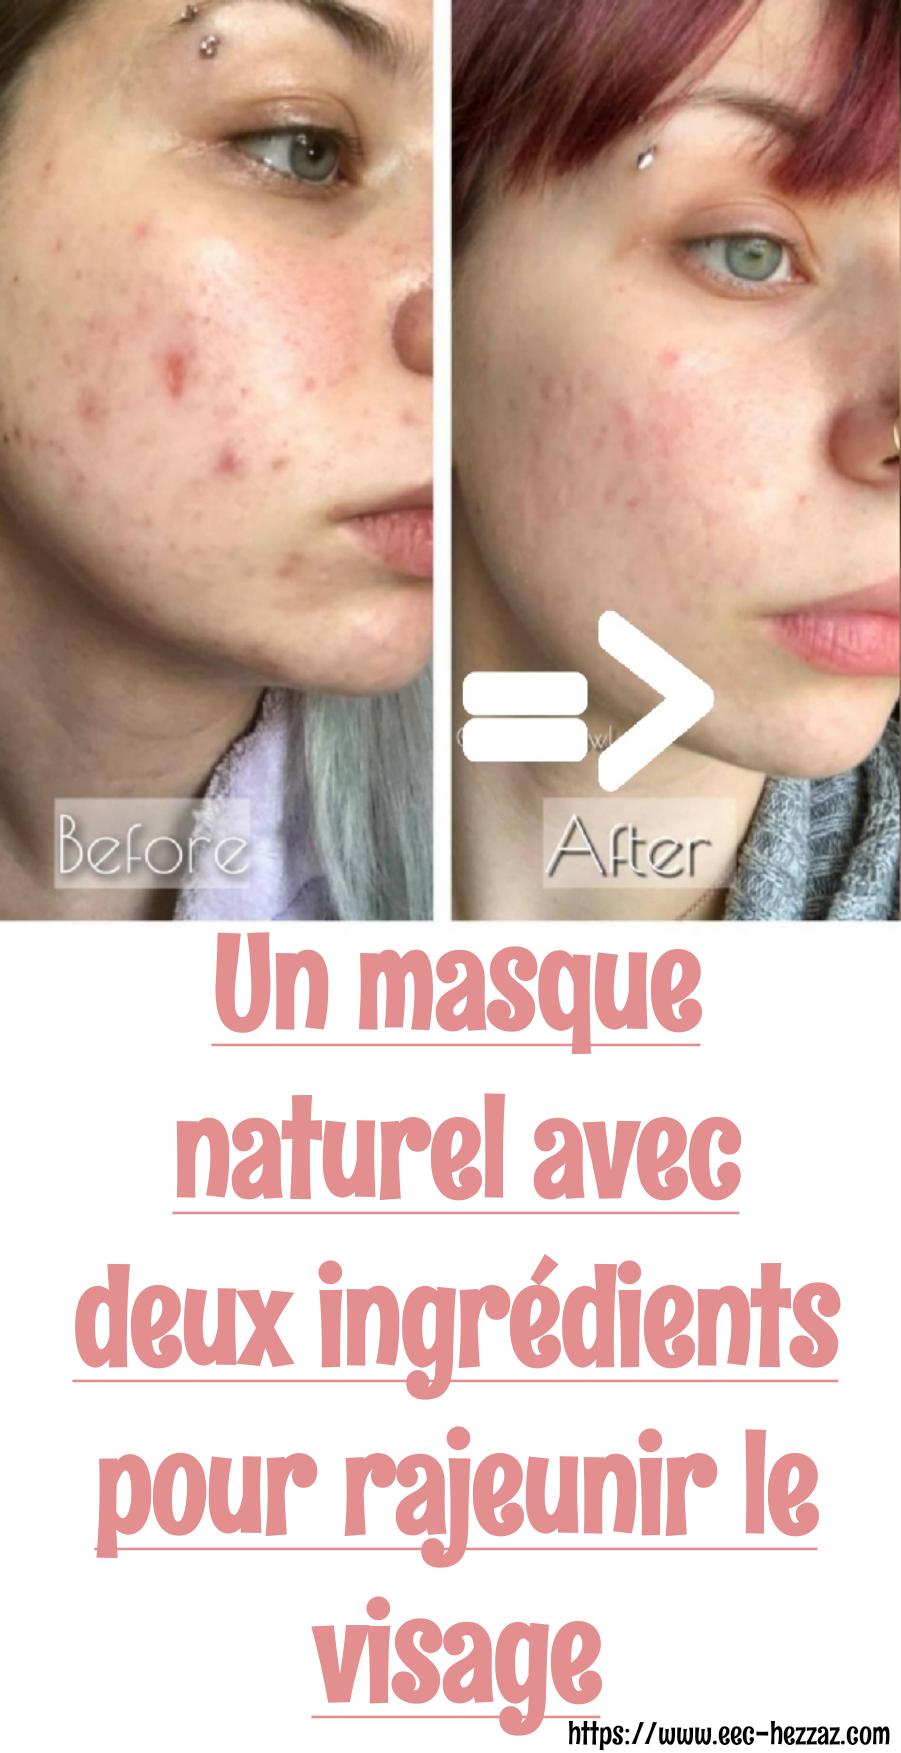 Un masque naturel avec deux ingrédients pour rajeunir le visageUn masque naturel avec deux ingrédients pour rajeunir le visage